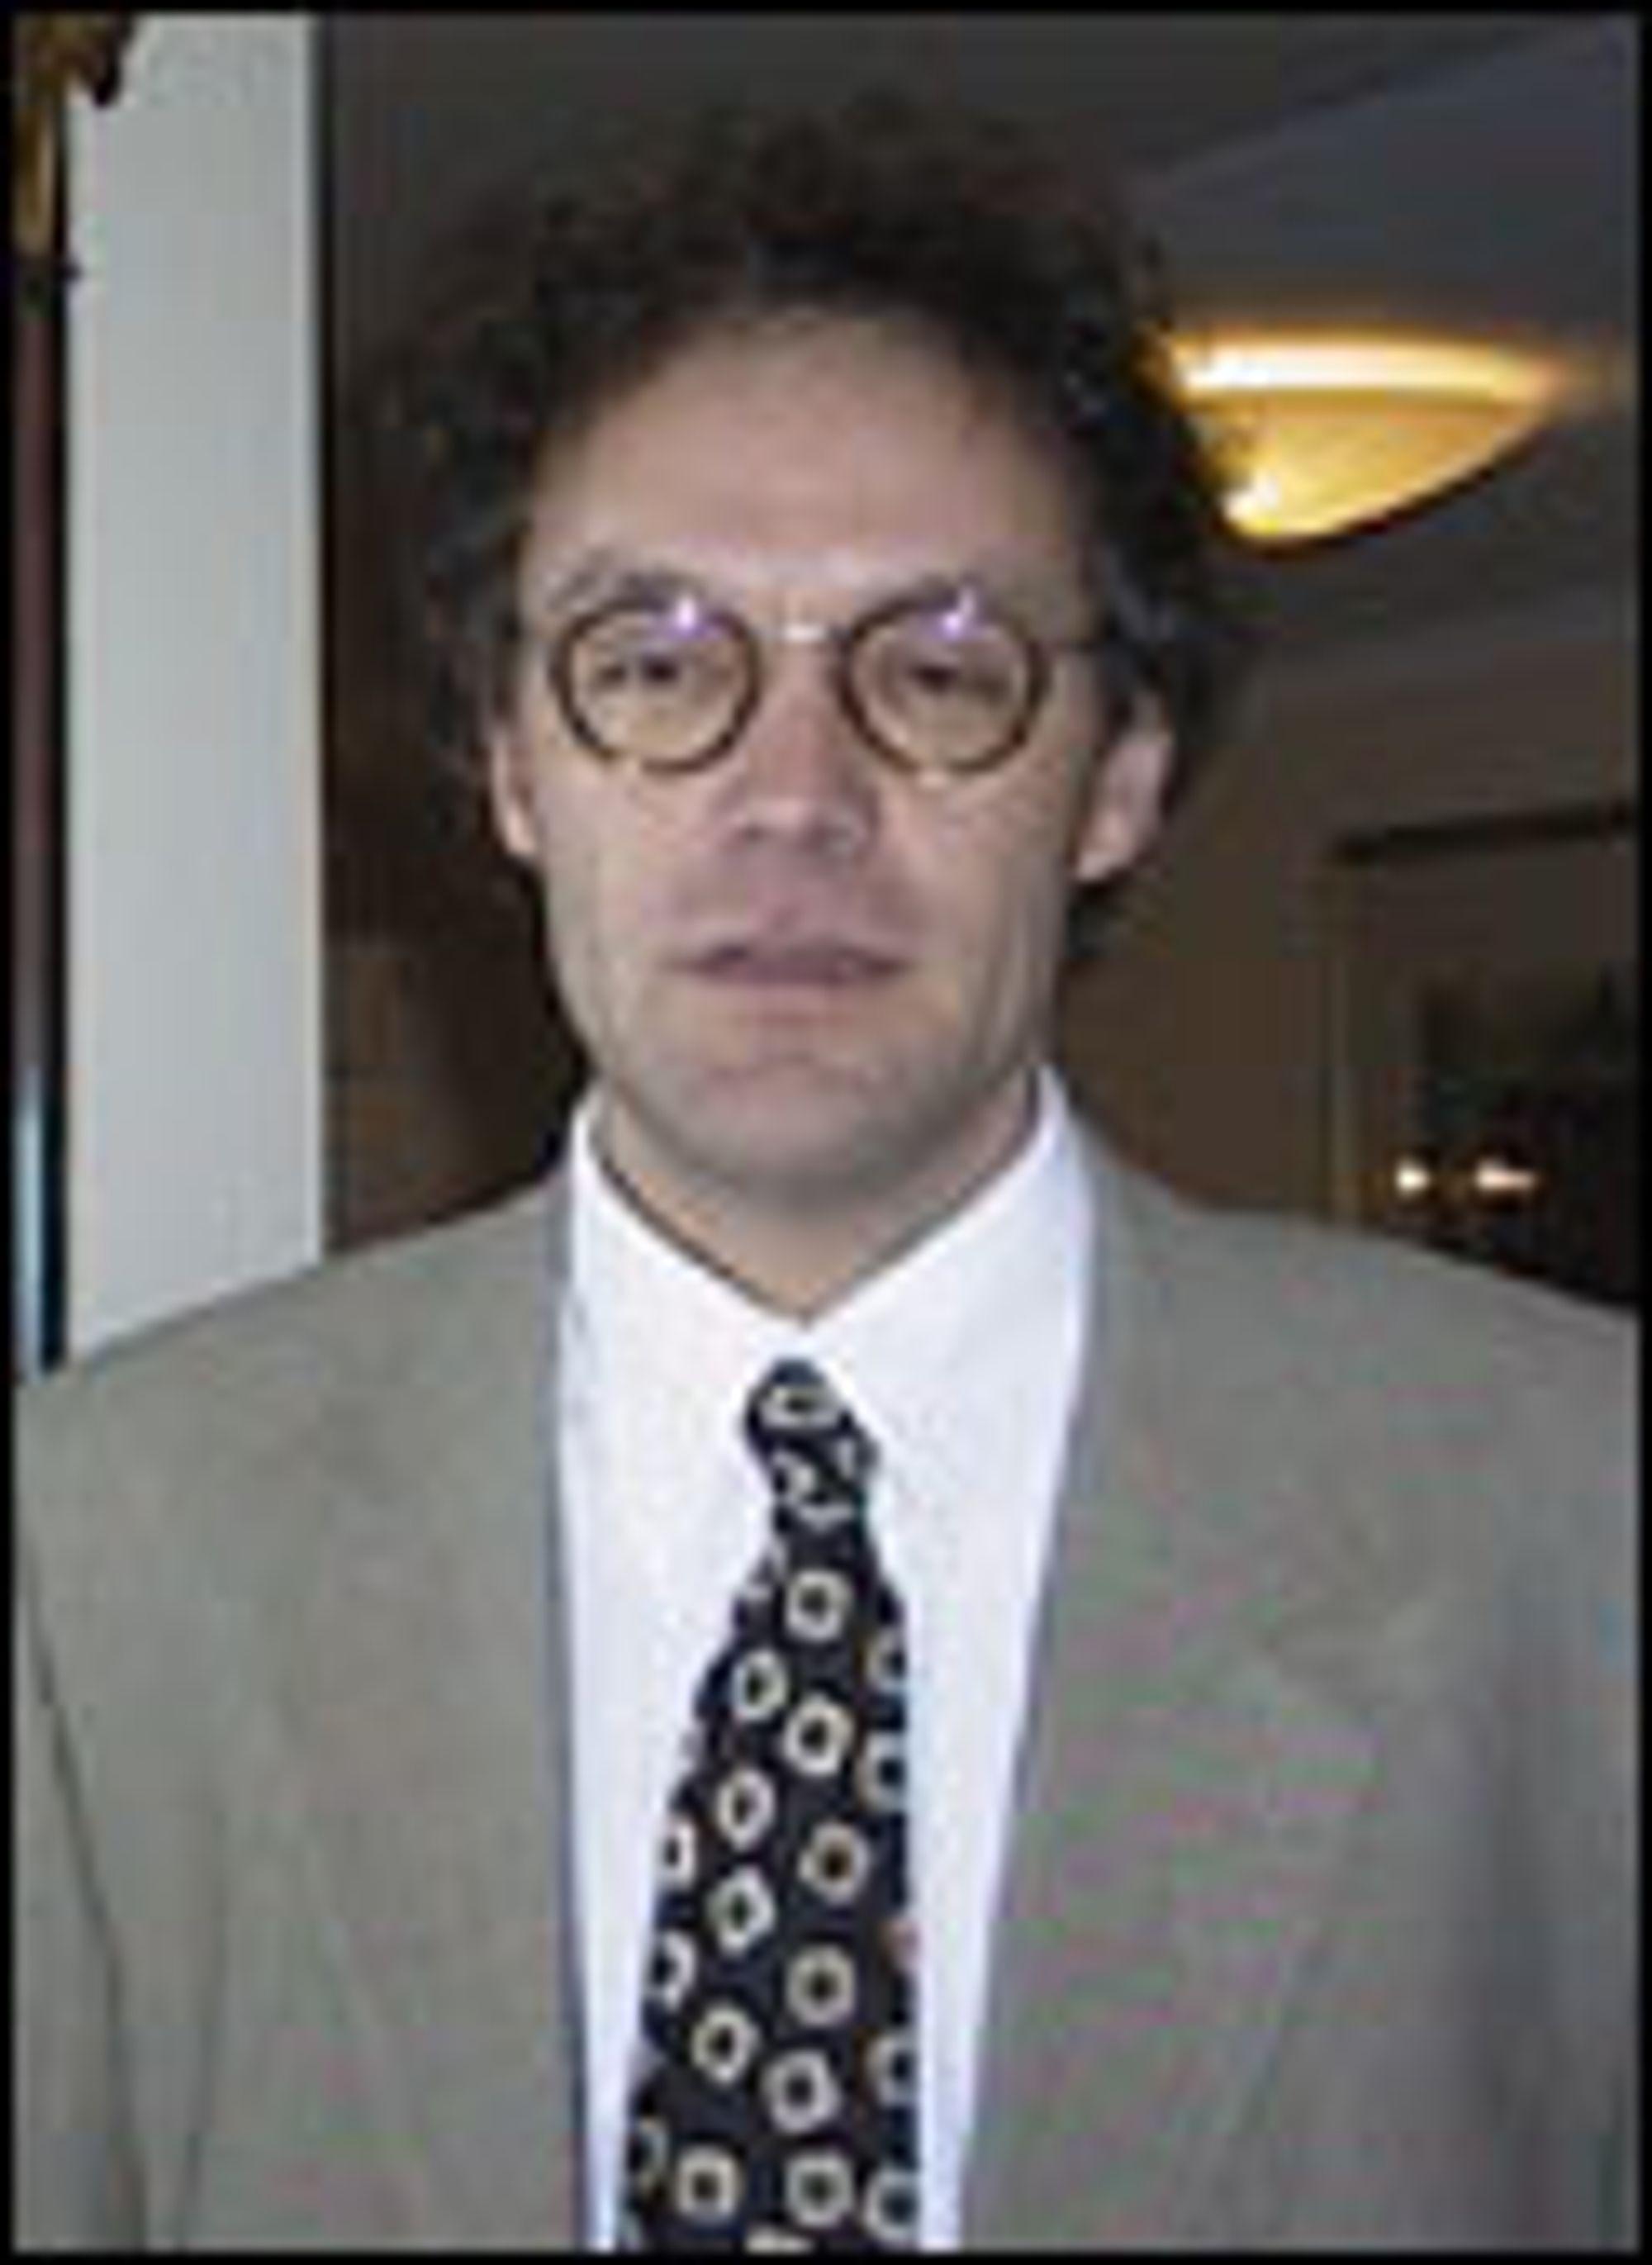 Direktør for forretningsutvikling i Telenor, Stein Tømmer.